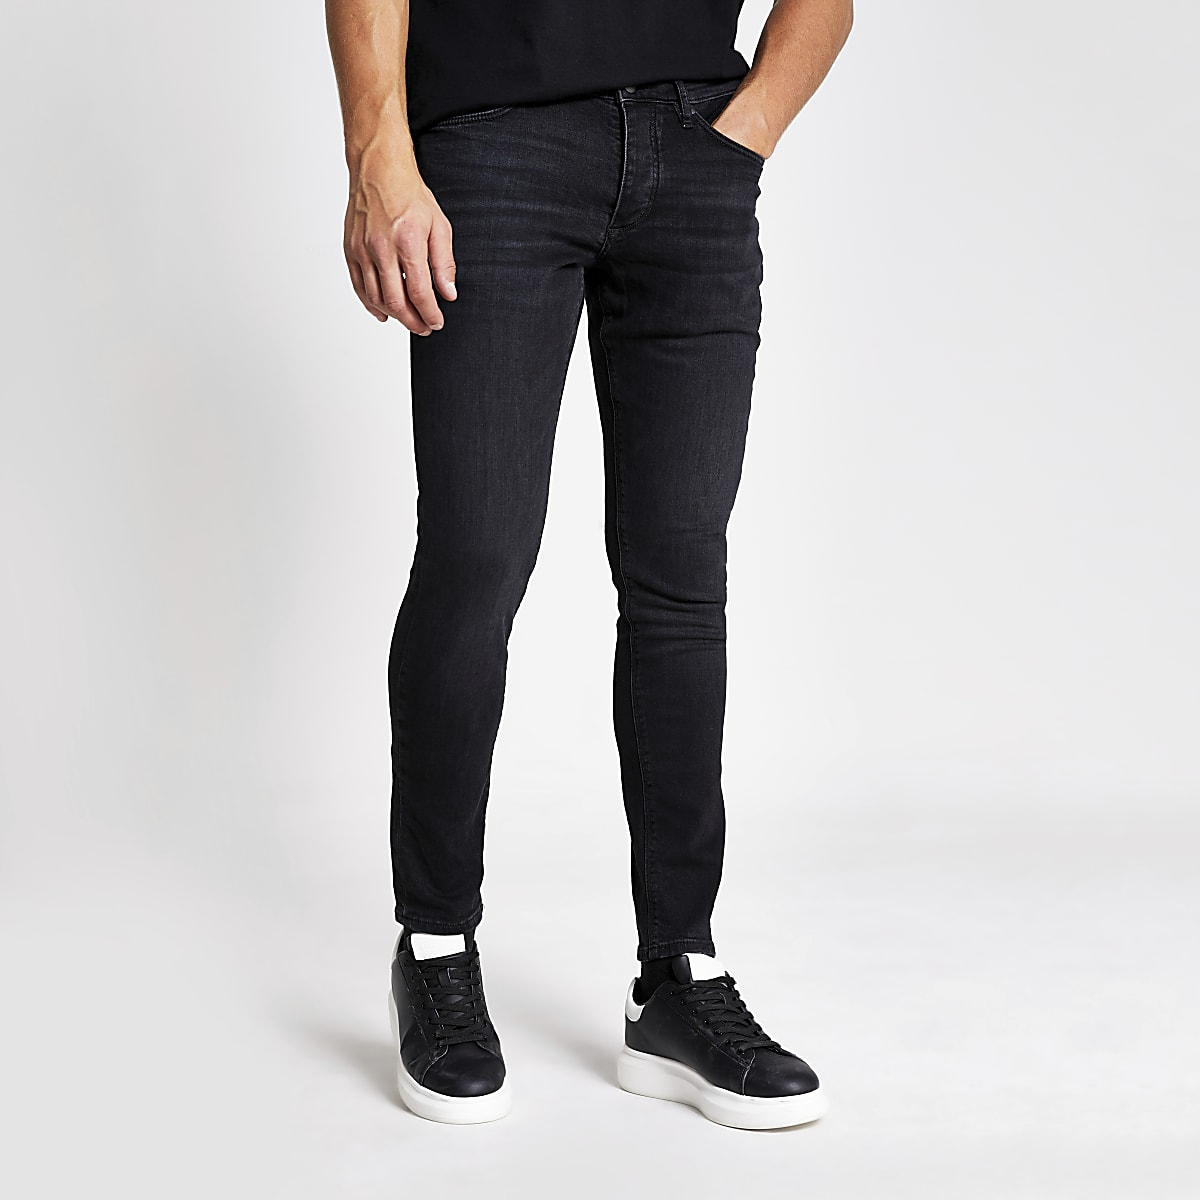 aktuelles Styling Original- klassischer Stil Black washed Sid skinny jeans